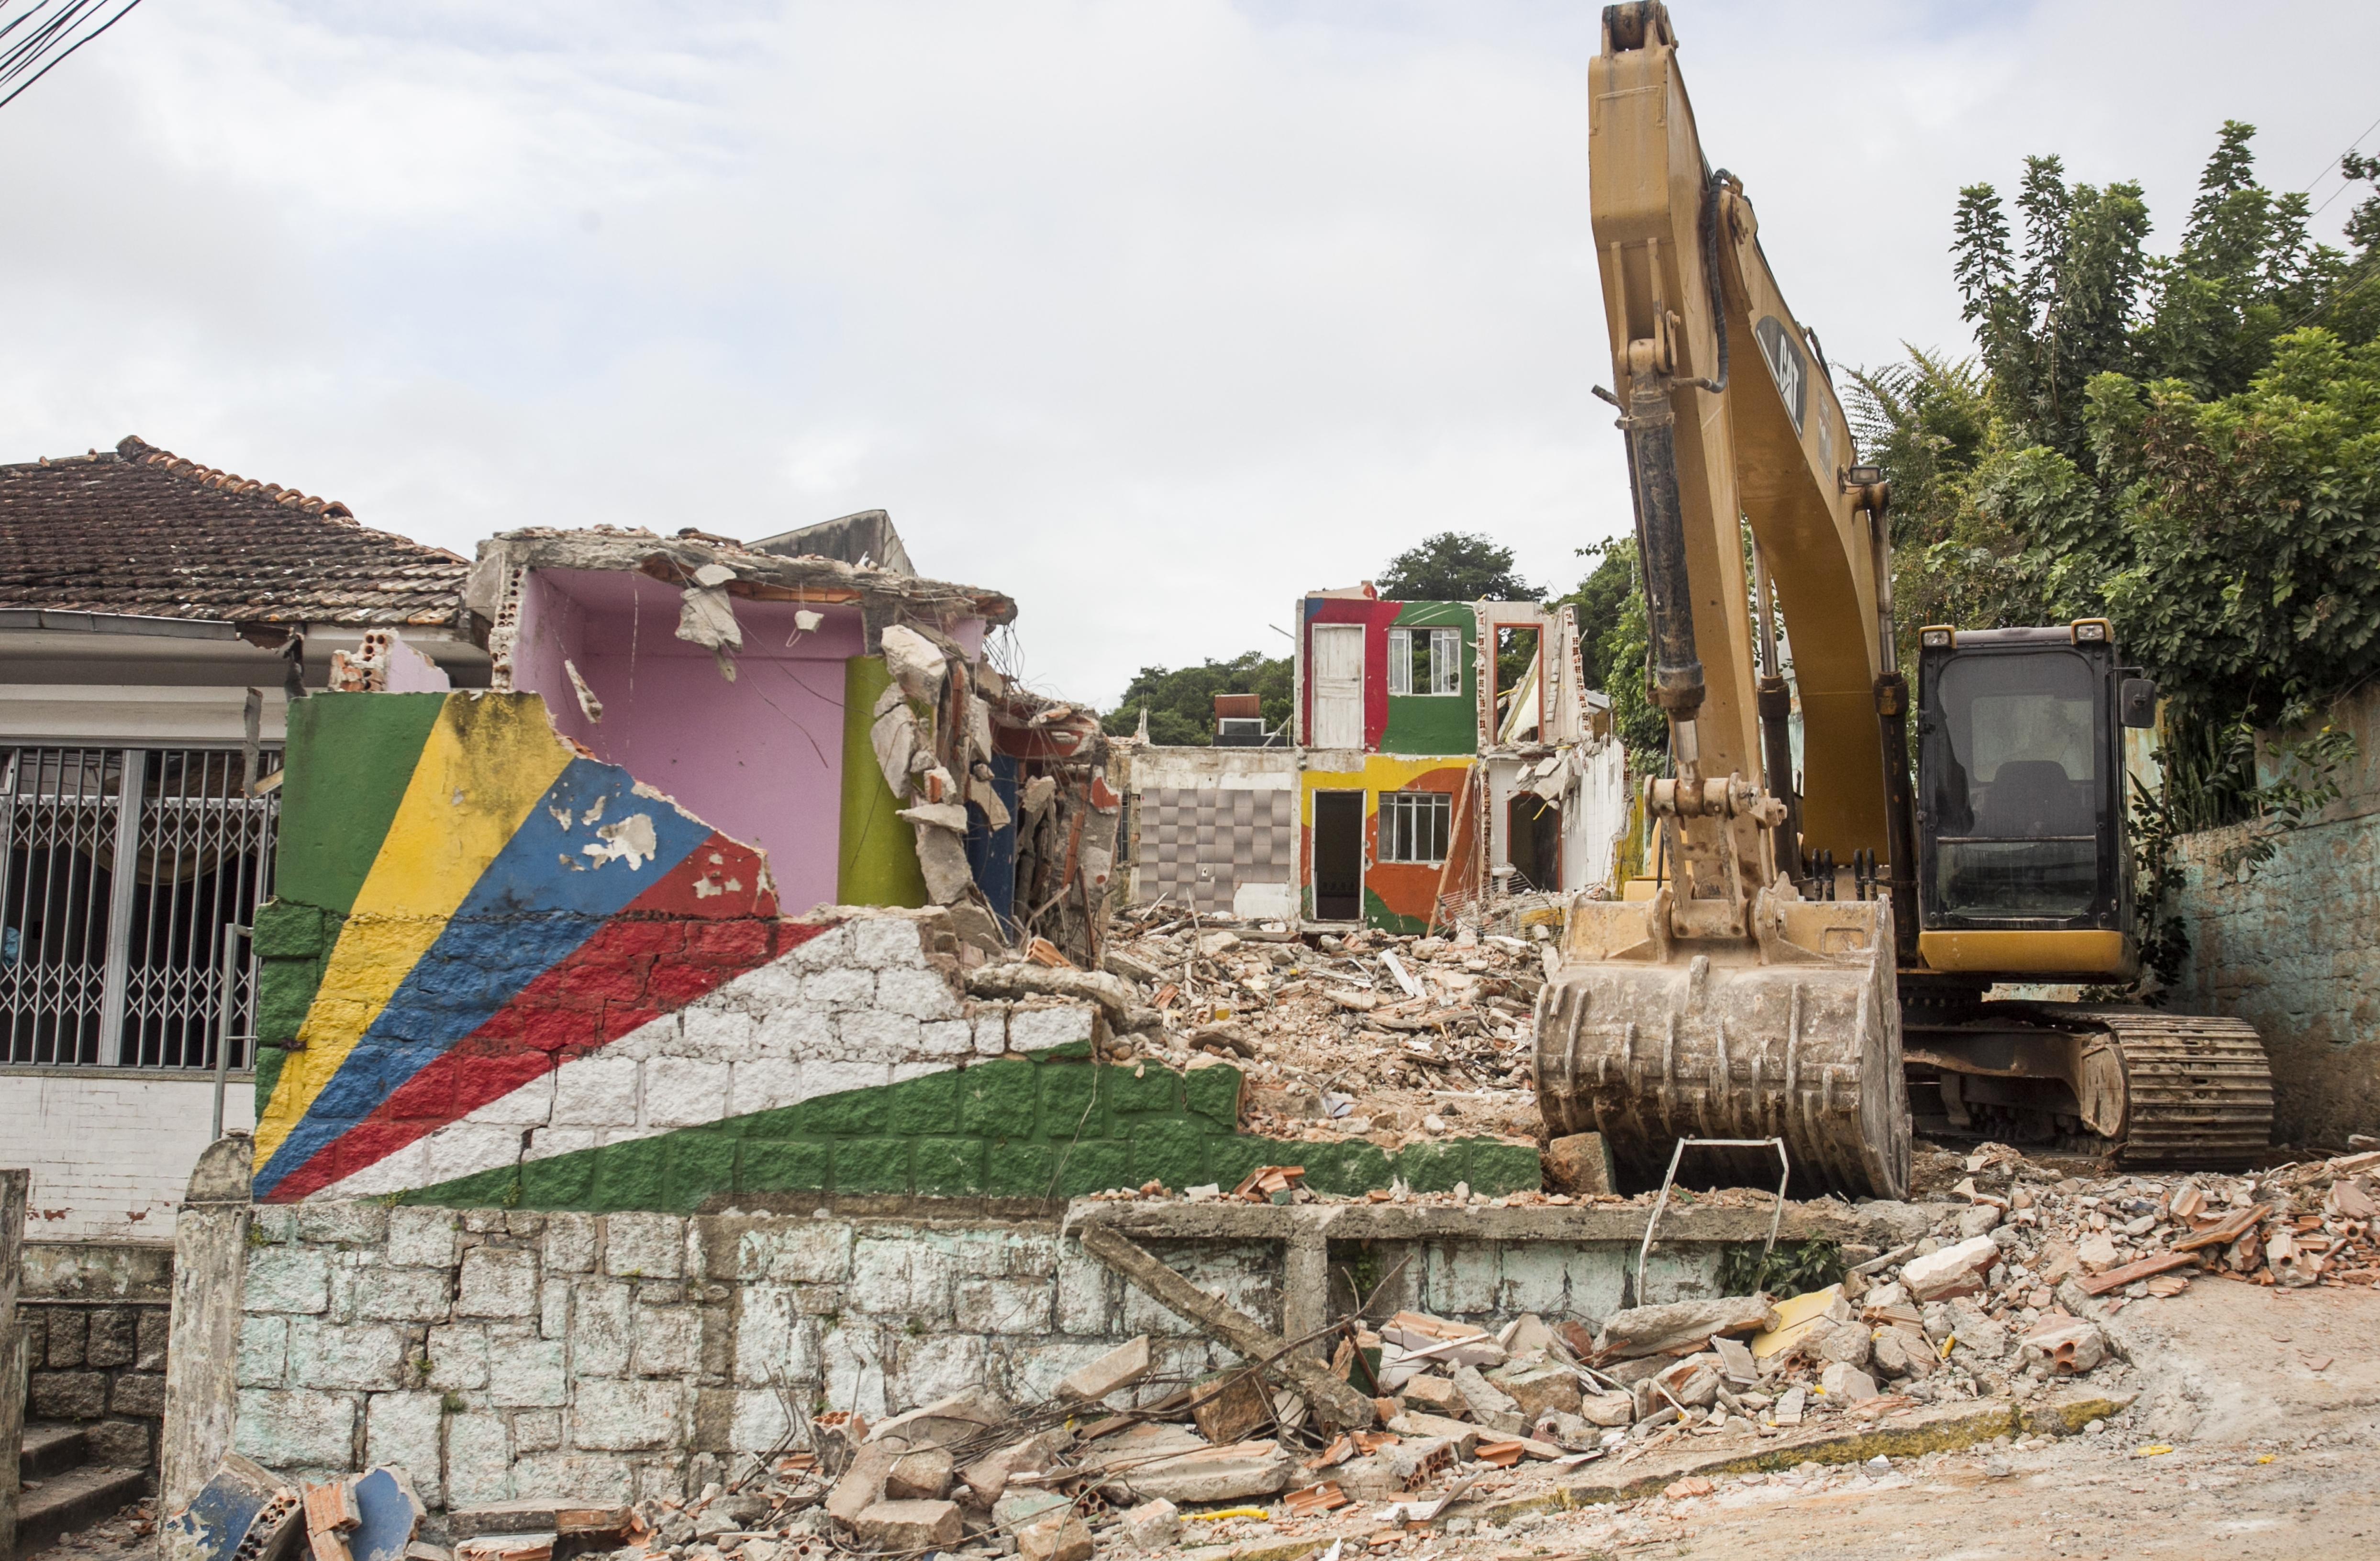 Máquina fez a derrubada do imóvel e terreno deve virar uma praça - Marco Santiago/ ND